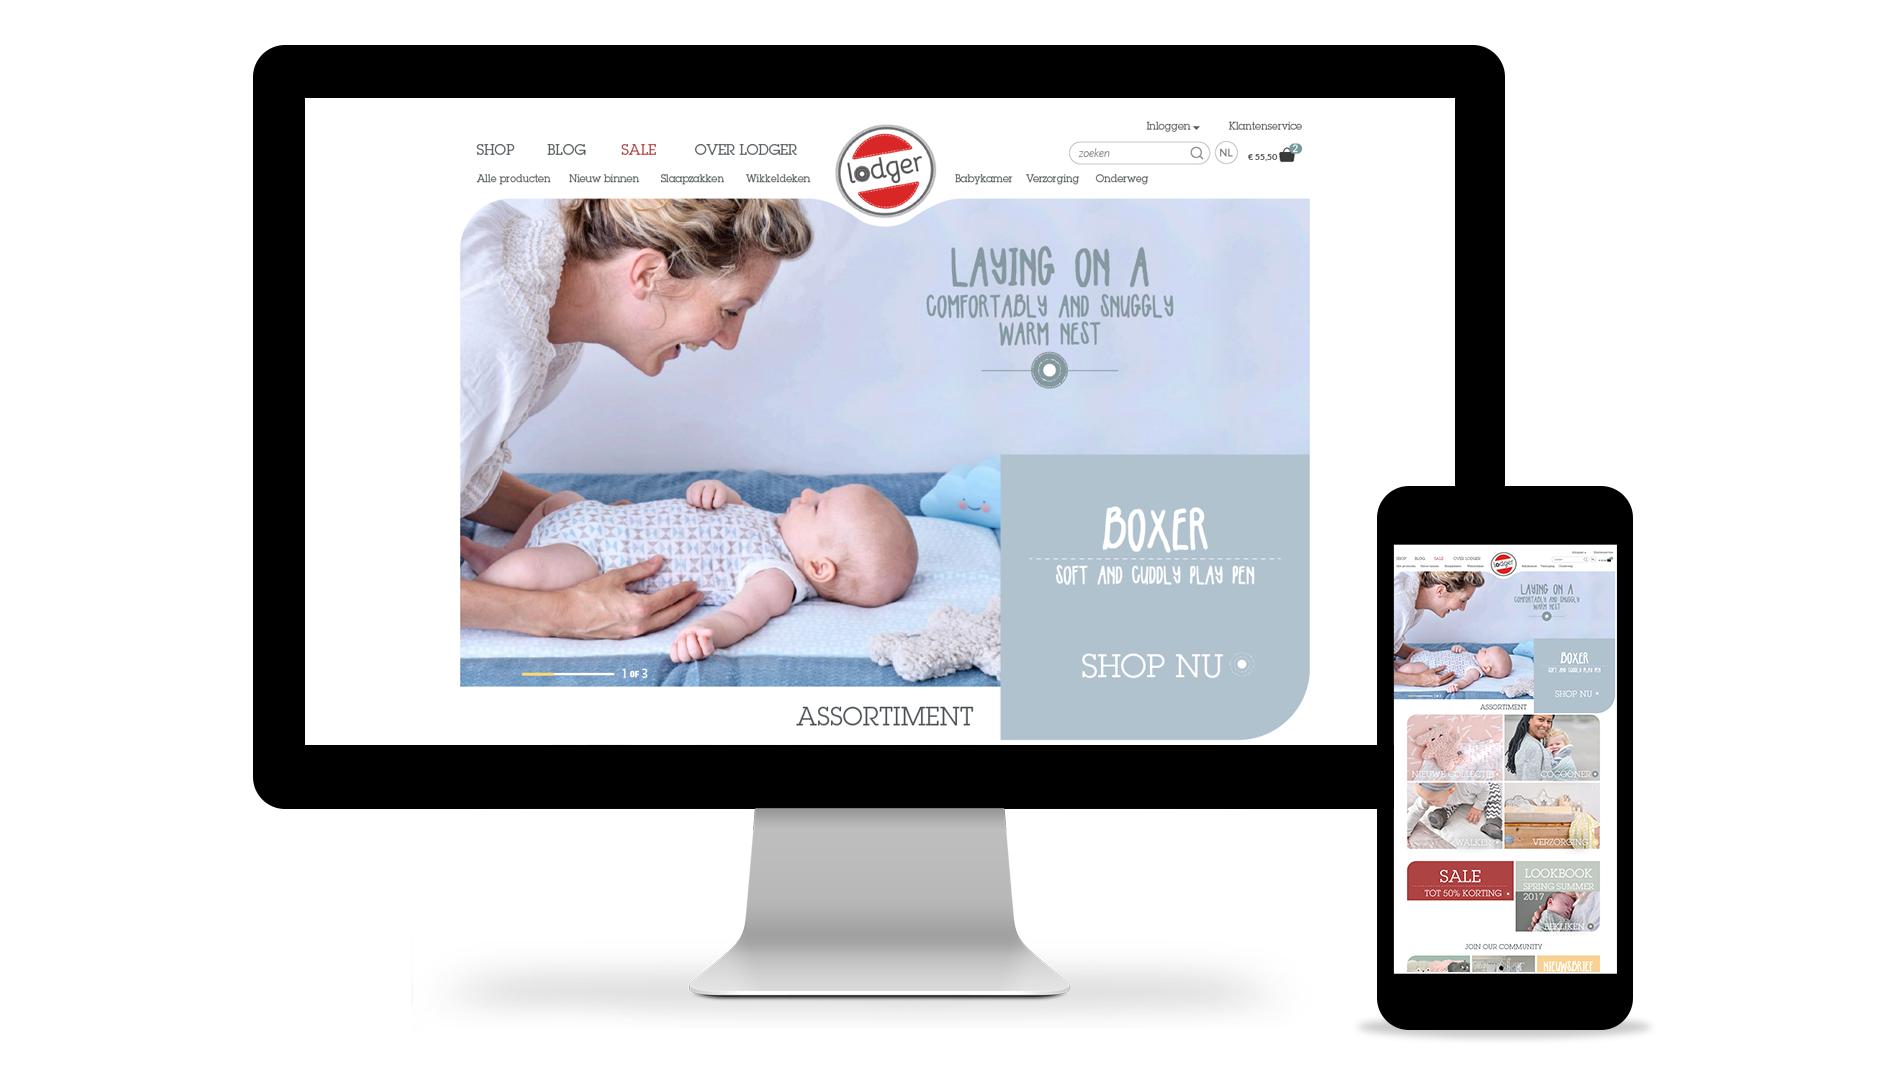 Lodger-redesign-webshop-alwin-jolliffe